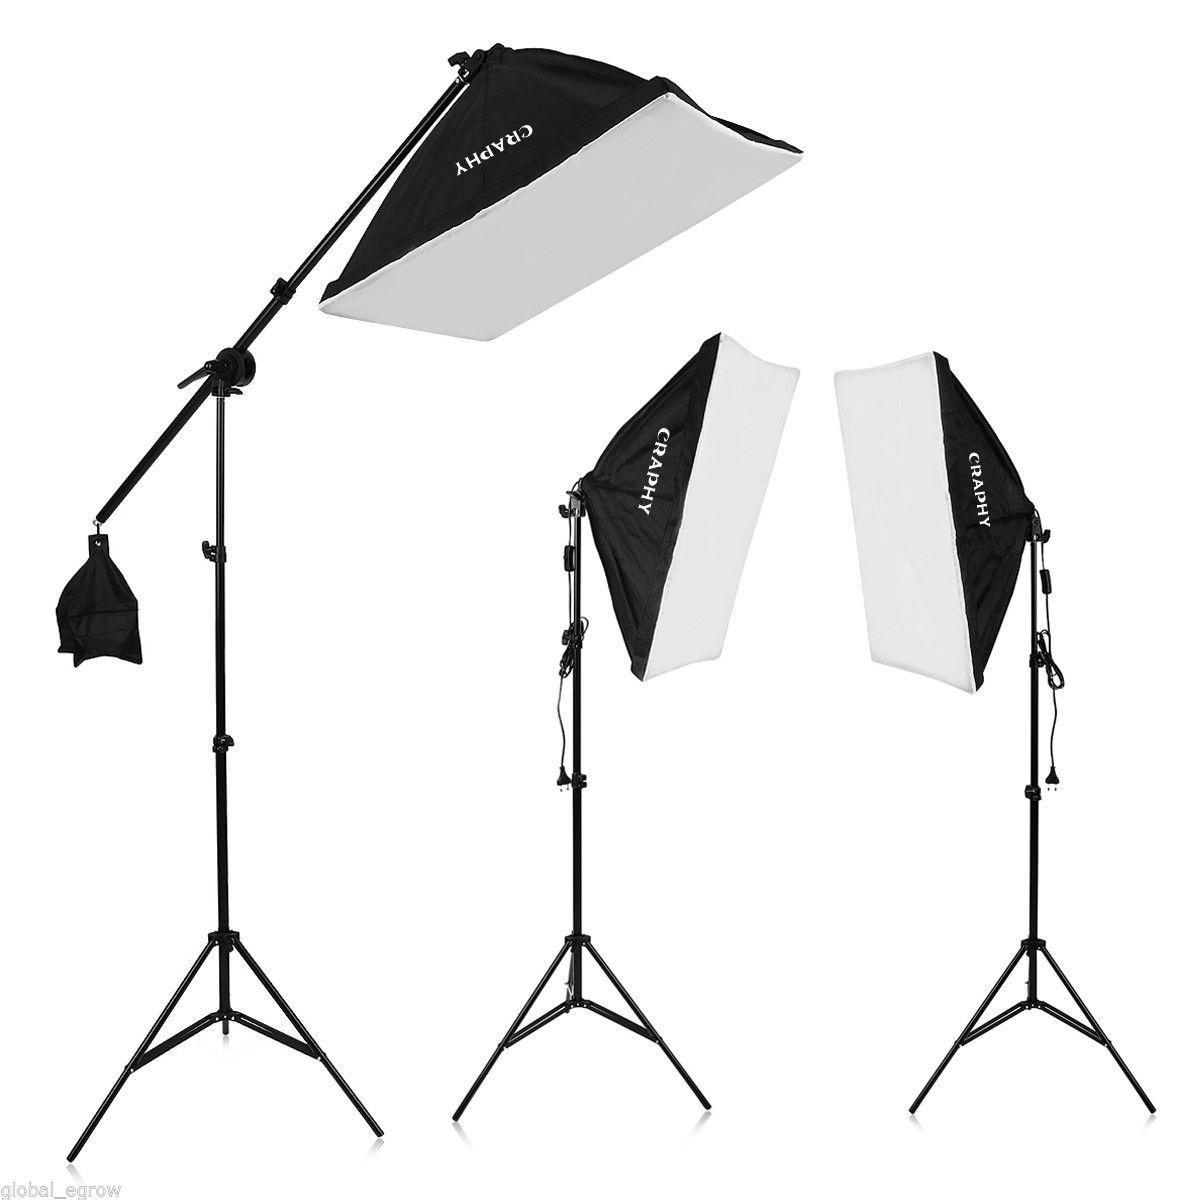 Kompletní studiový set: 3x softbox + 3x stativ lampa + 3x 105W úsporná zářivka